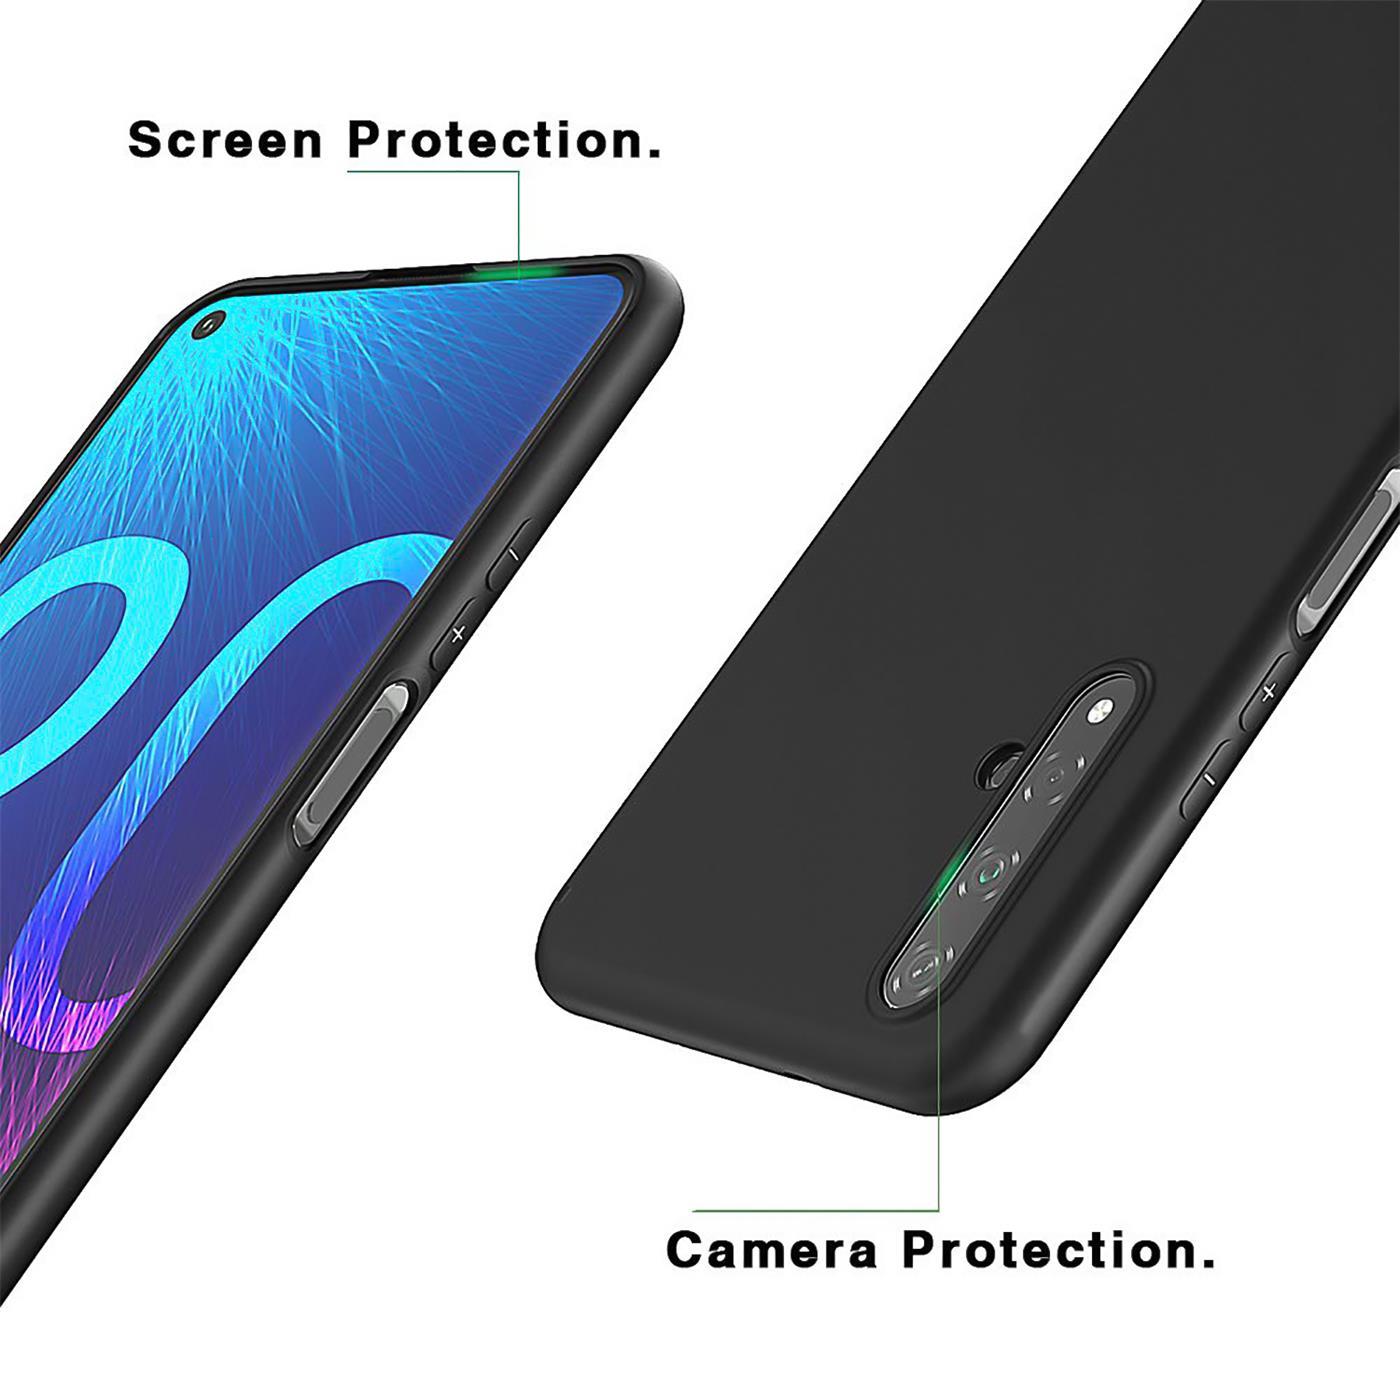 Huelle-fuer-Huawei-Nova-5T-Schutzhuelle-Handy-Huelle-Slim-Case-Weich-Matt-Schwarz Indexbild 10